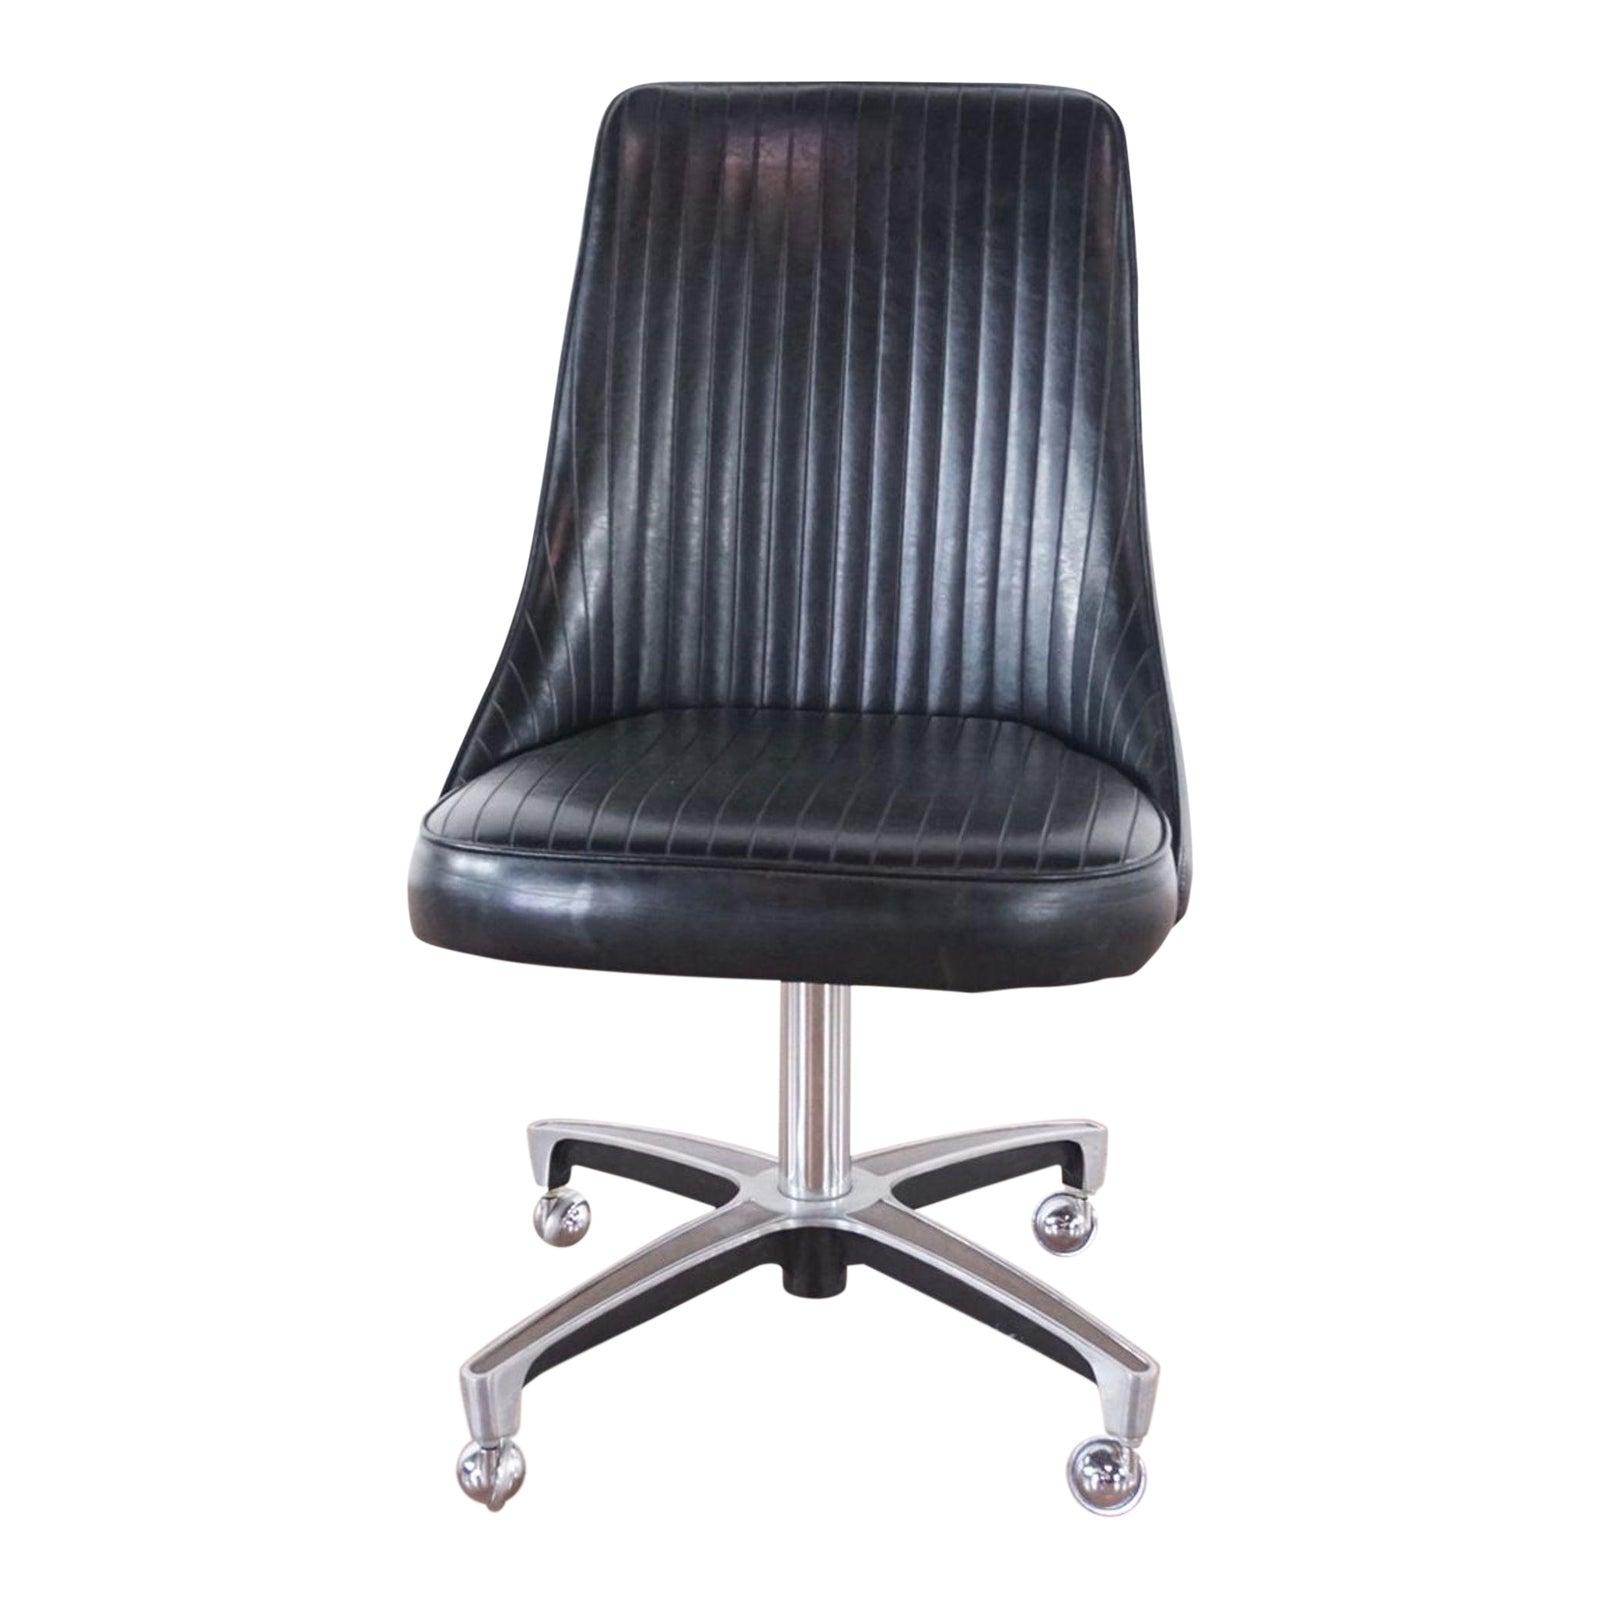 Peachy Vintage Chromcraft Office Chair Cjindustries Chair Design For Home Cjindustriesco